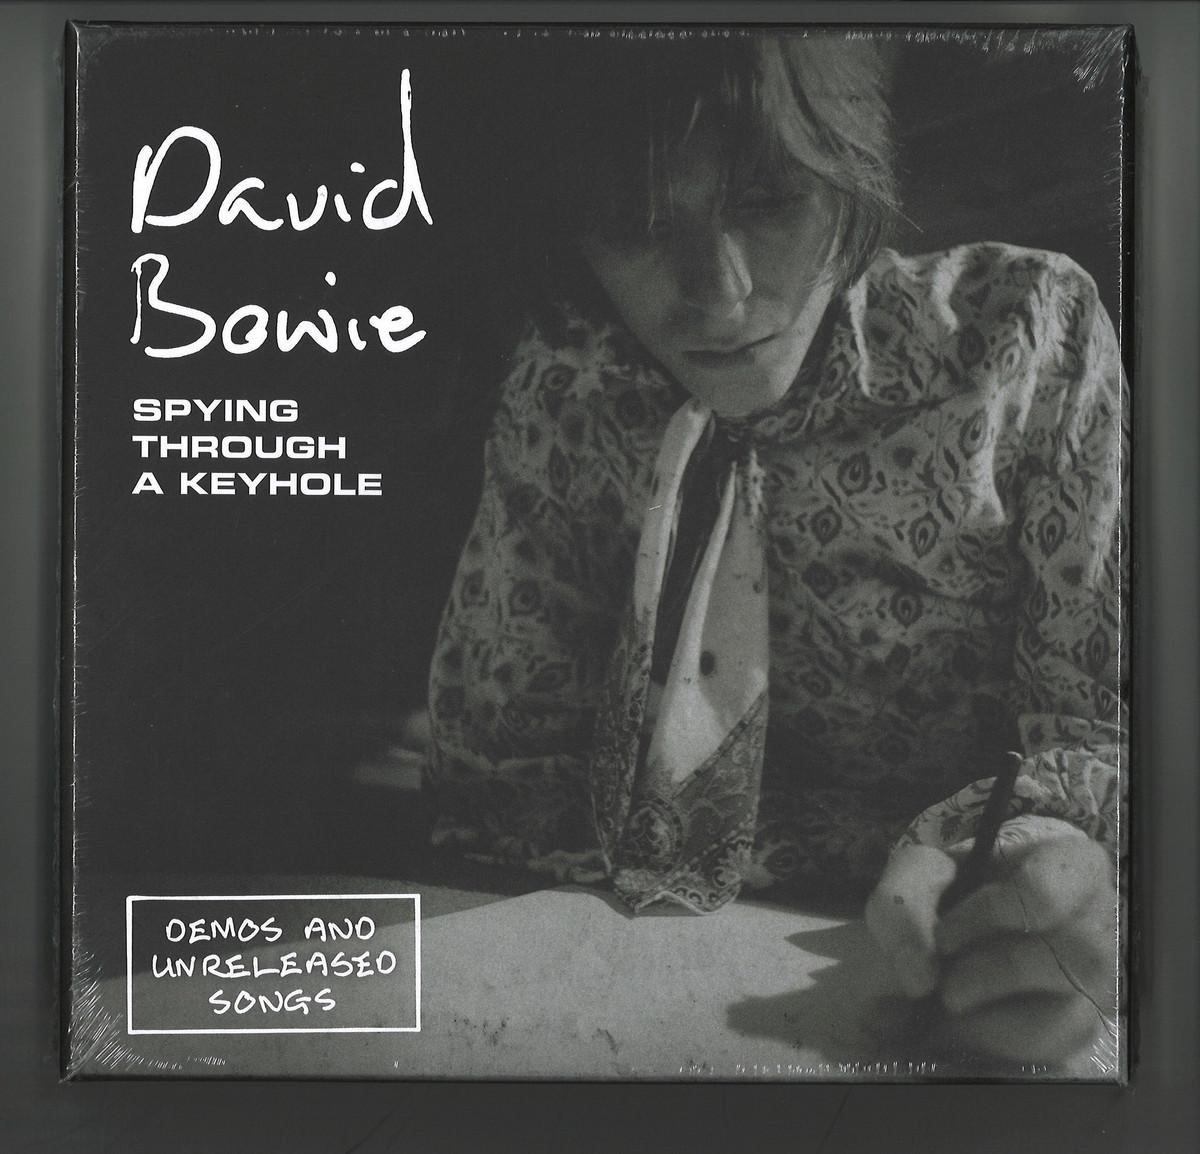 deejay de - Parlophone